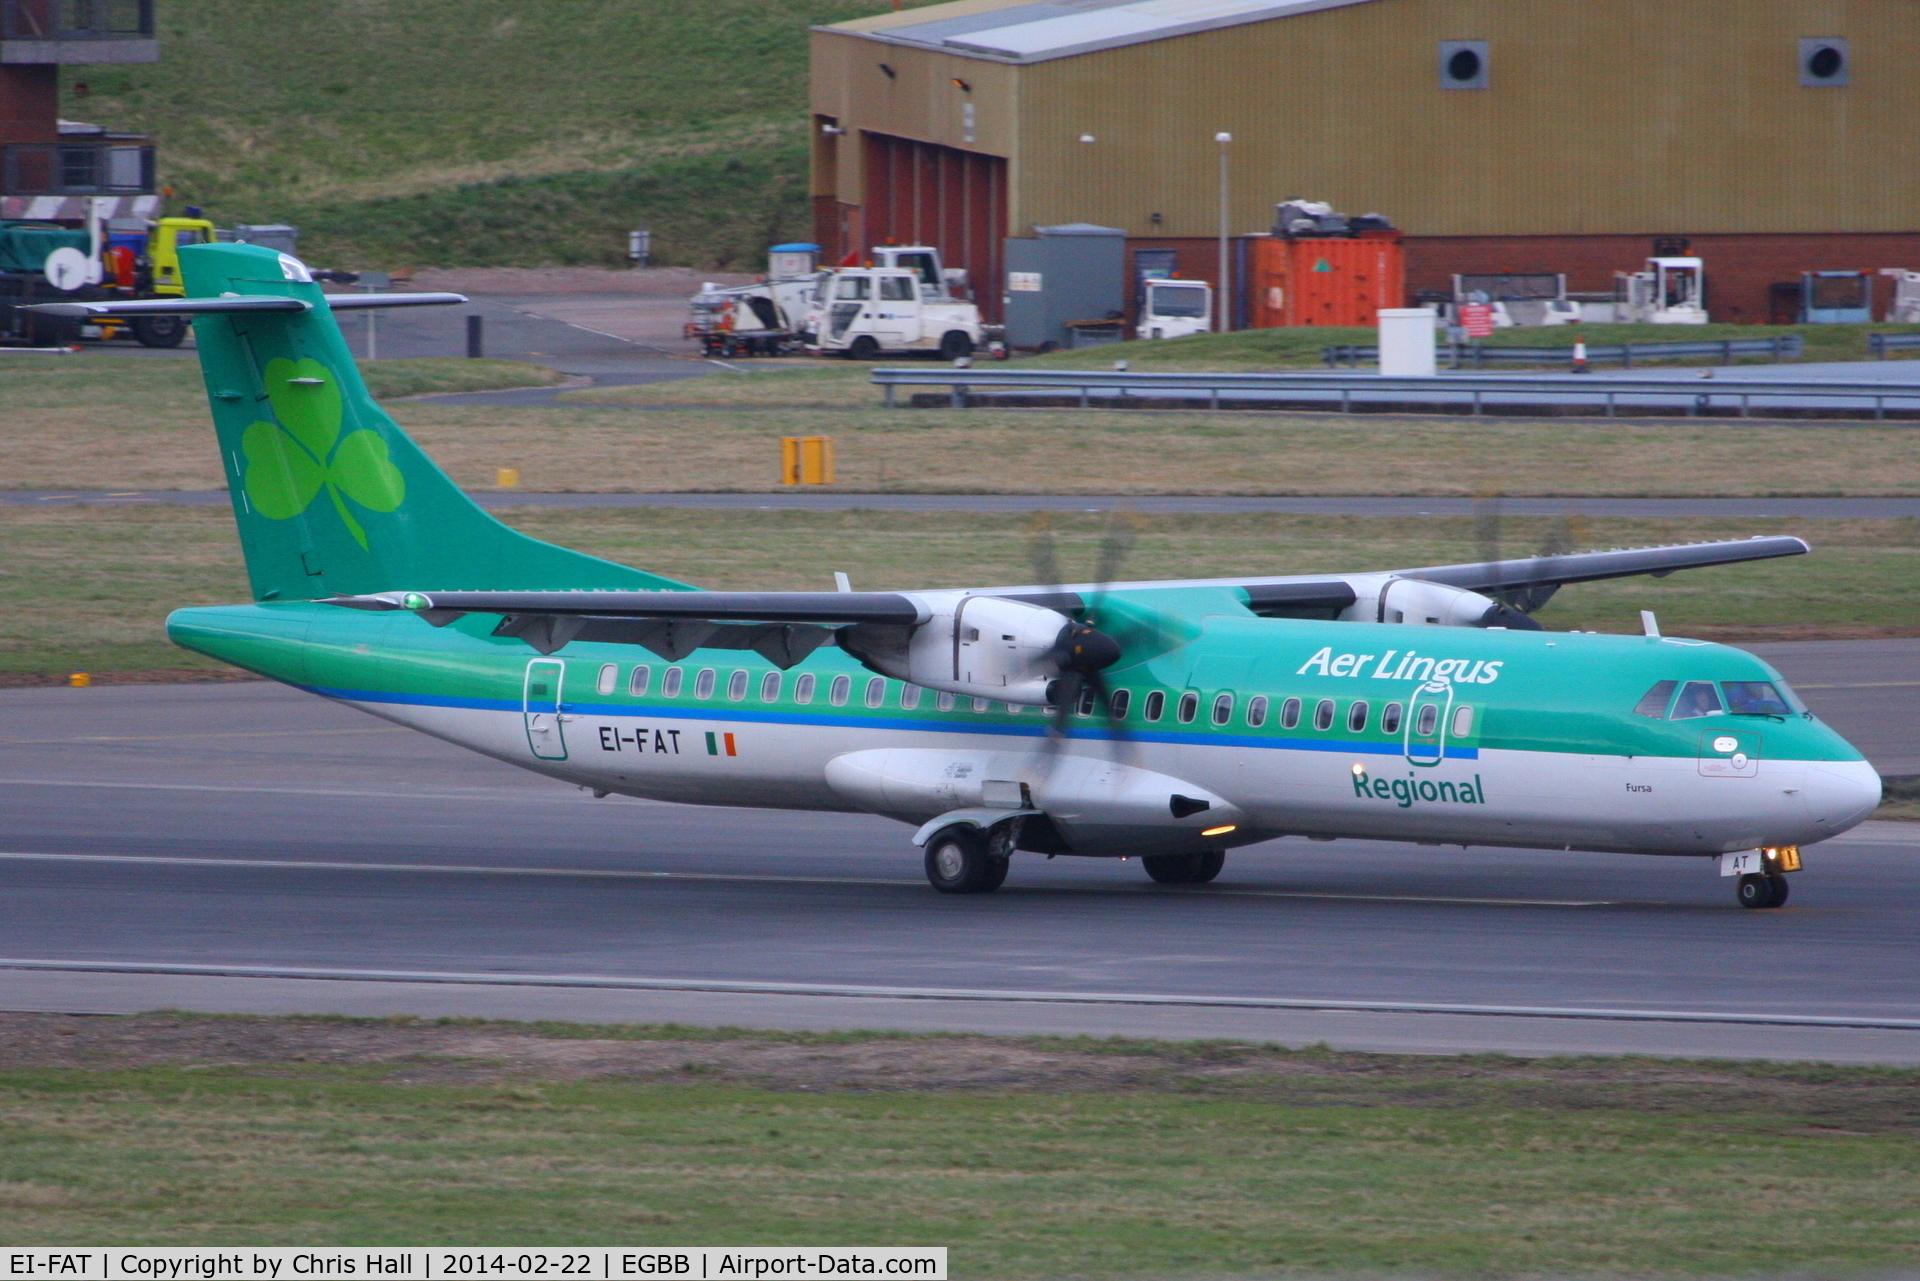 EI-FAT, 2013 ATR 72-600 C/N 1097, Aer Lingus Regional